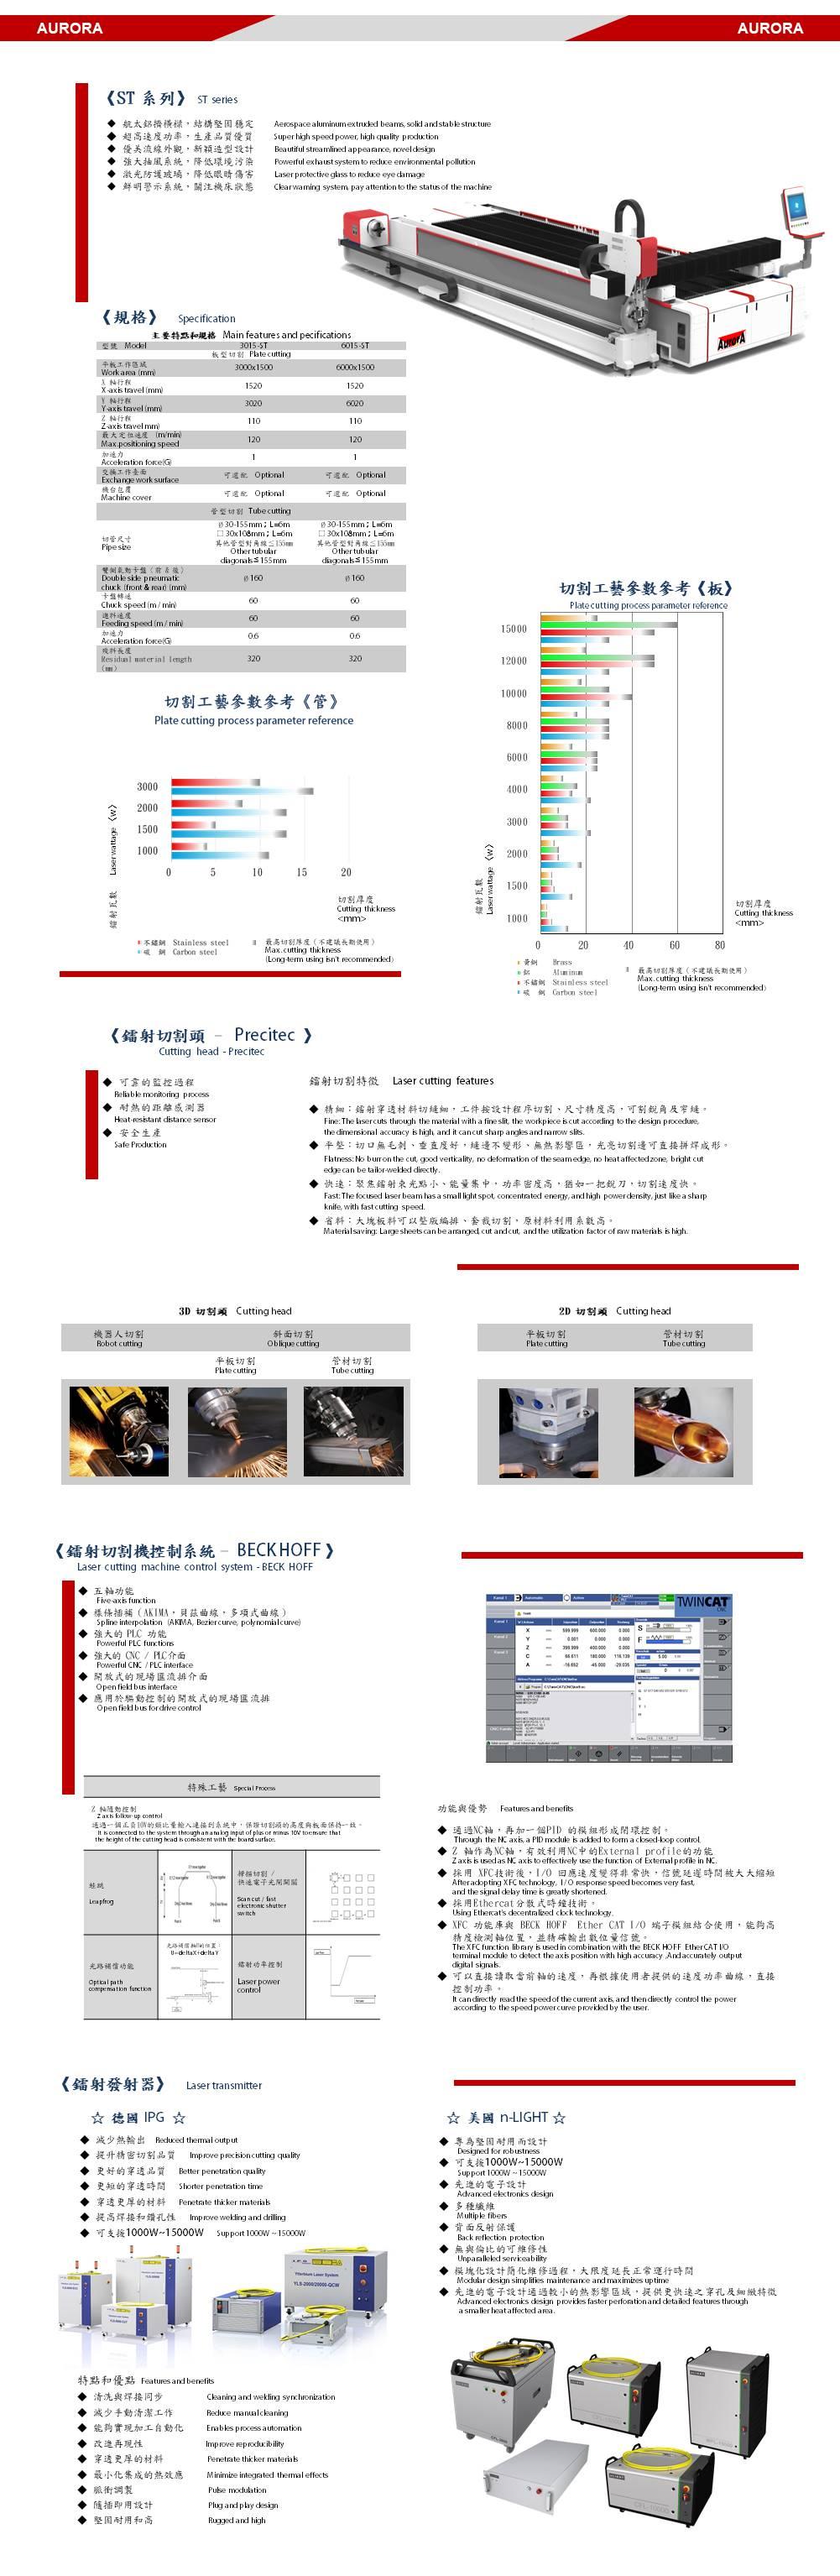 1000-12000w ST series 3015 plate cutting tube fiber laser cutting machine